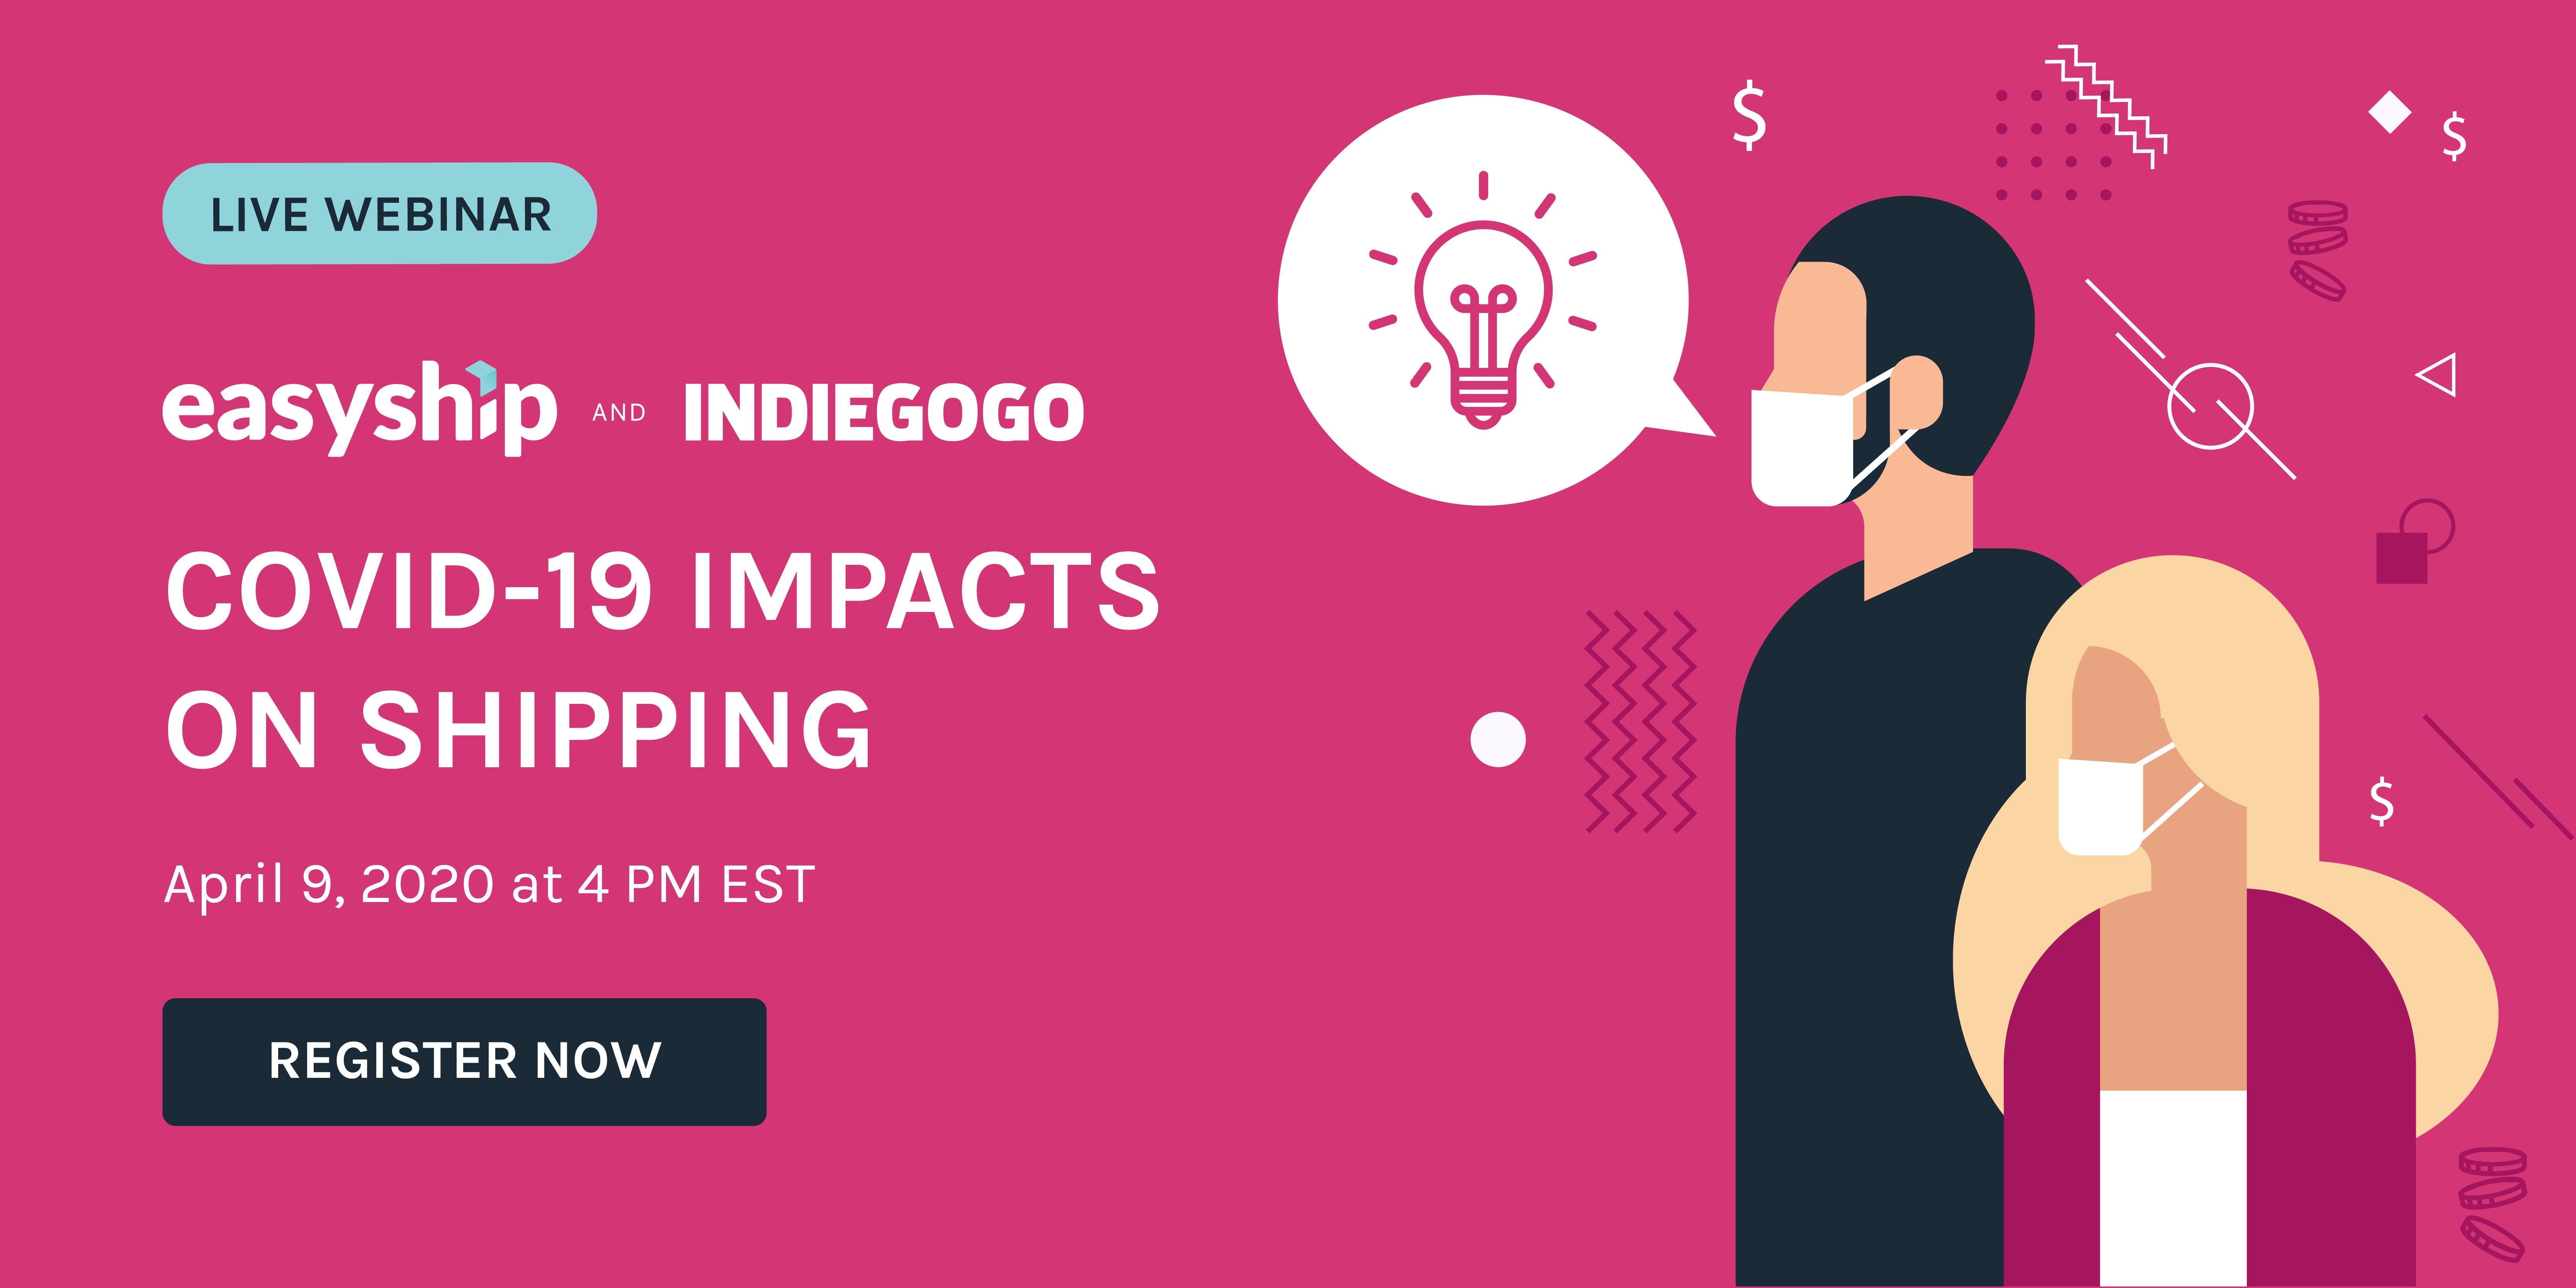 2020_March_Webinar_EasyshipXIndiegogo_ImpactsOnCrowdfunding_v2-EDM